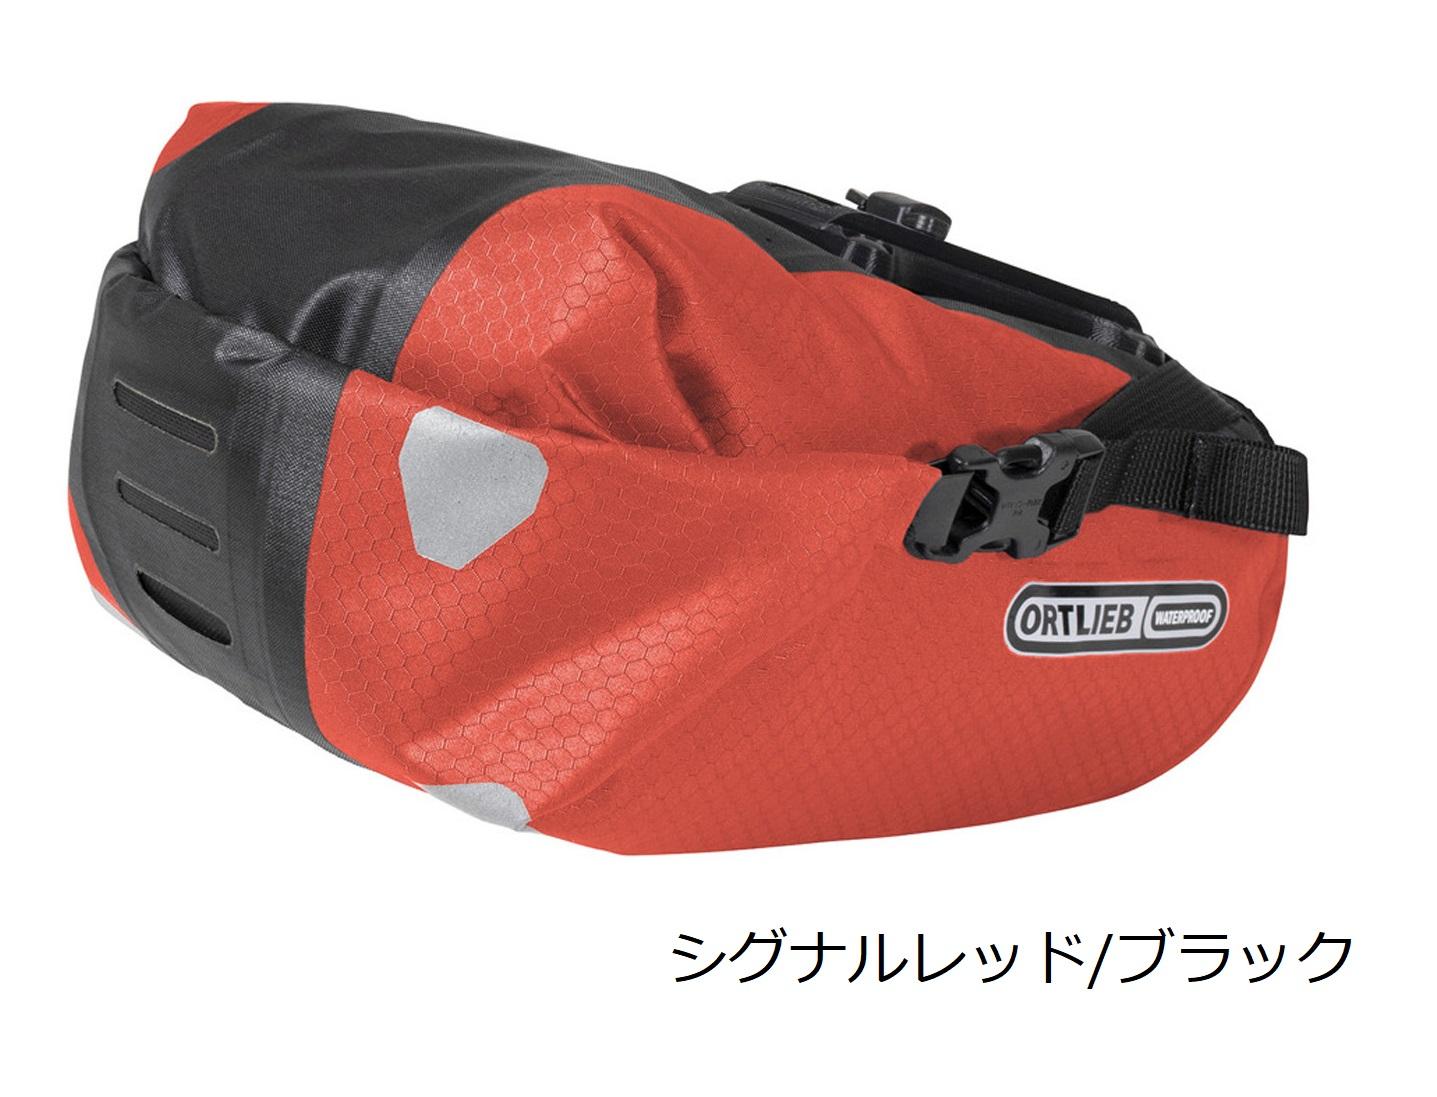 サドルバック2 ORTLIEB オルトリーブ サドルバッグ 4.1L 防水 自転車